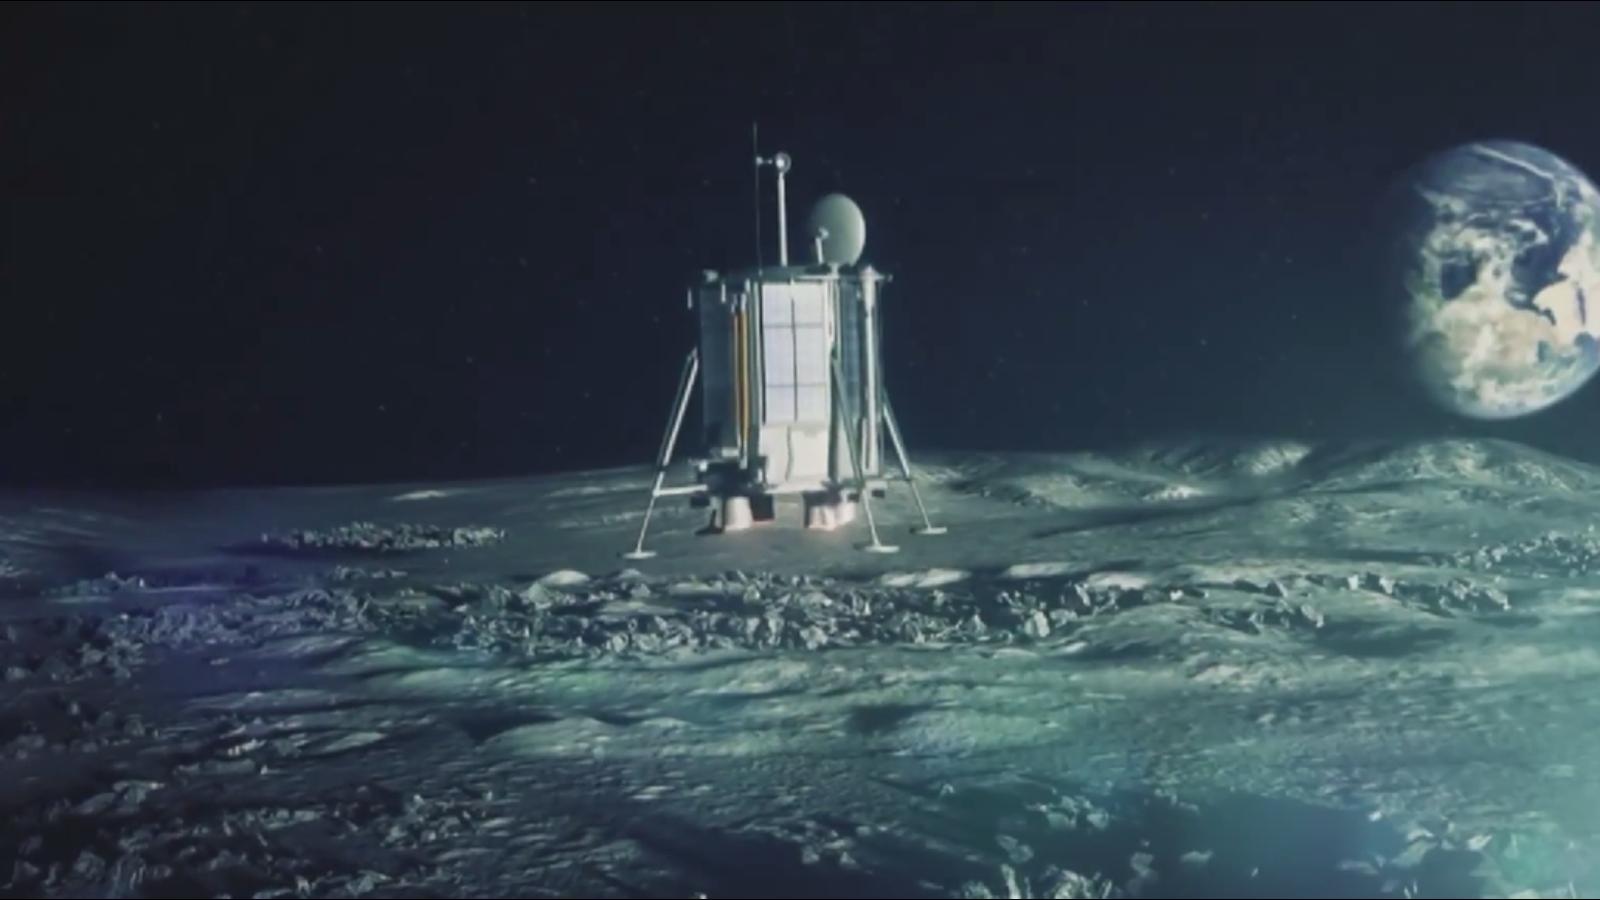 Lunar Mission One, la misión de crowdfunding para aterrizar en la Luna